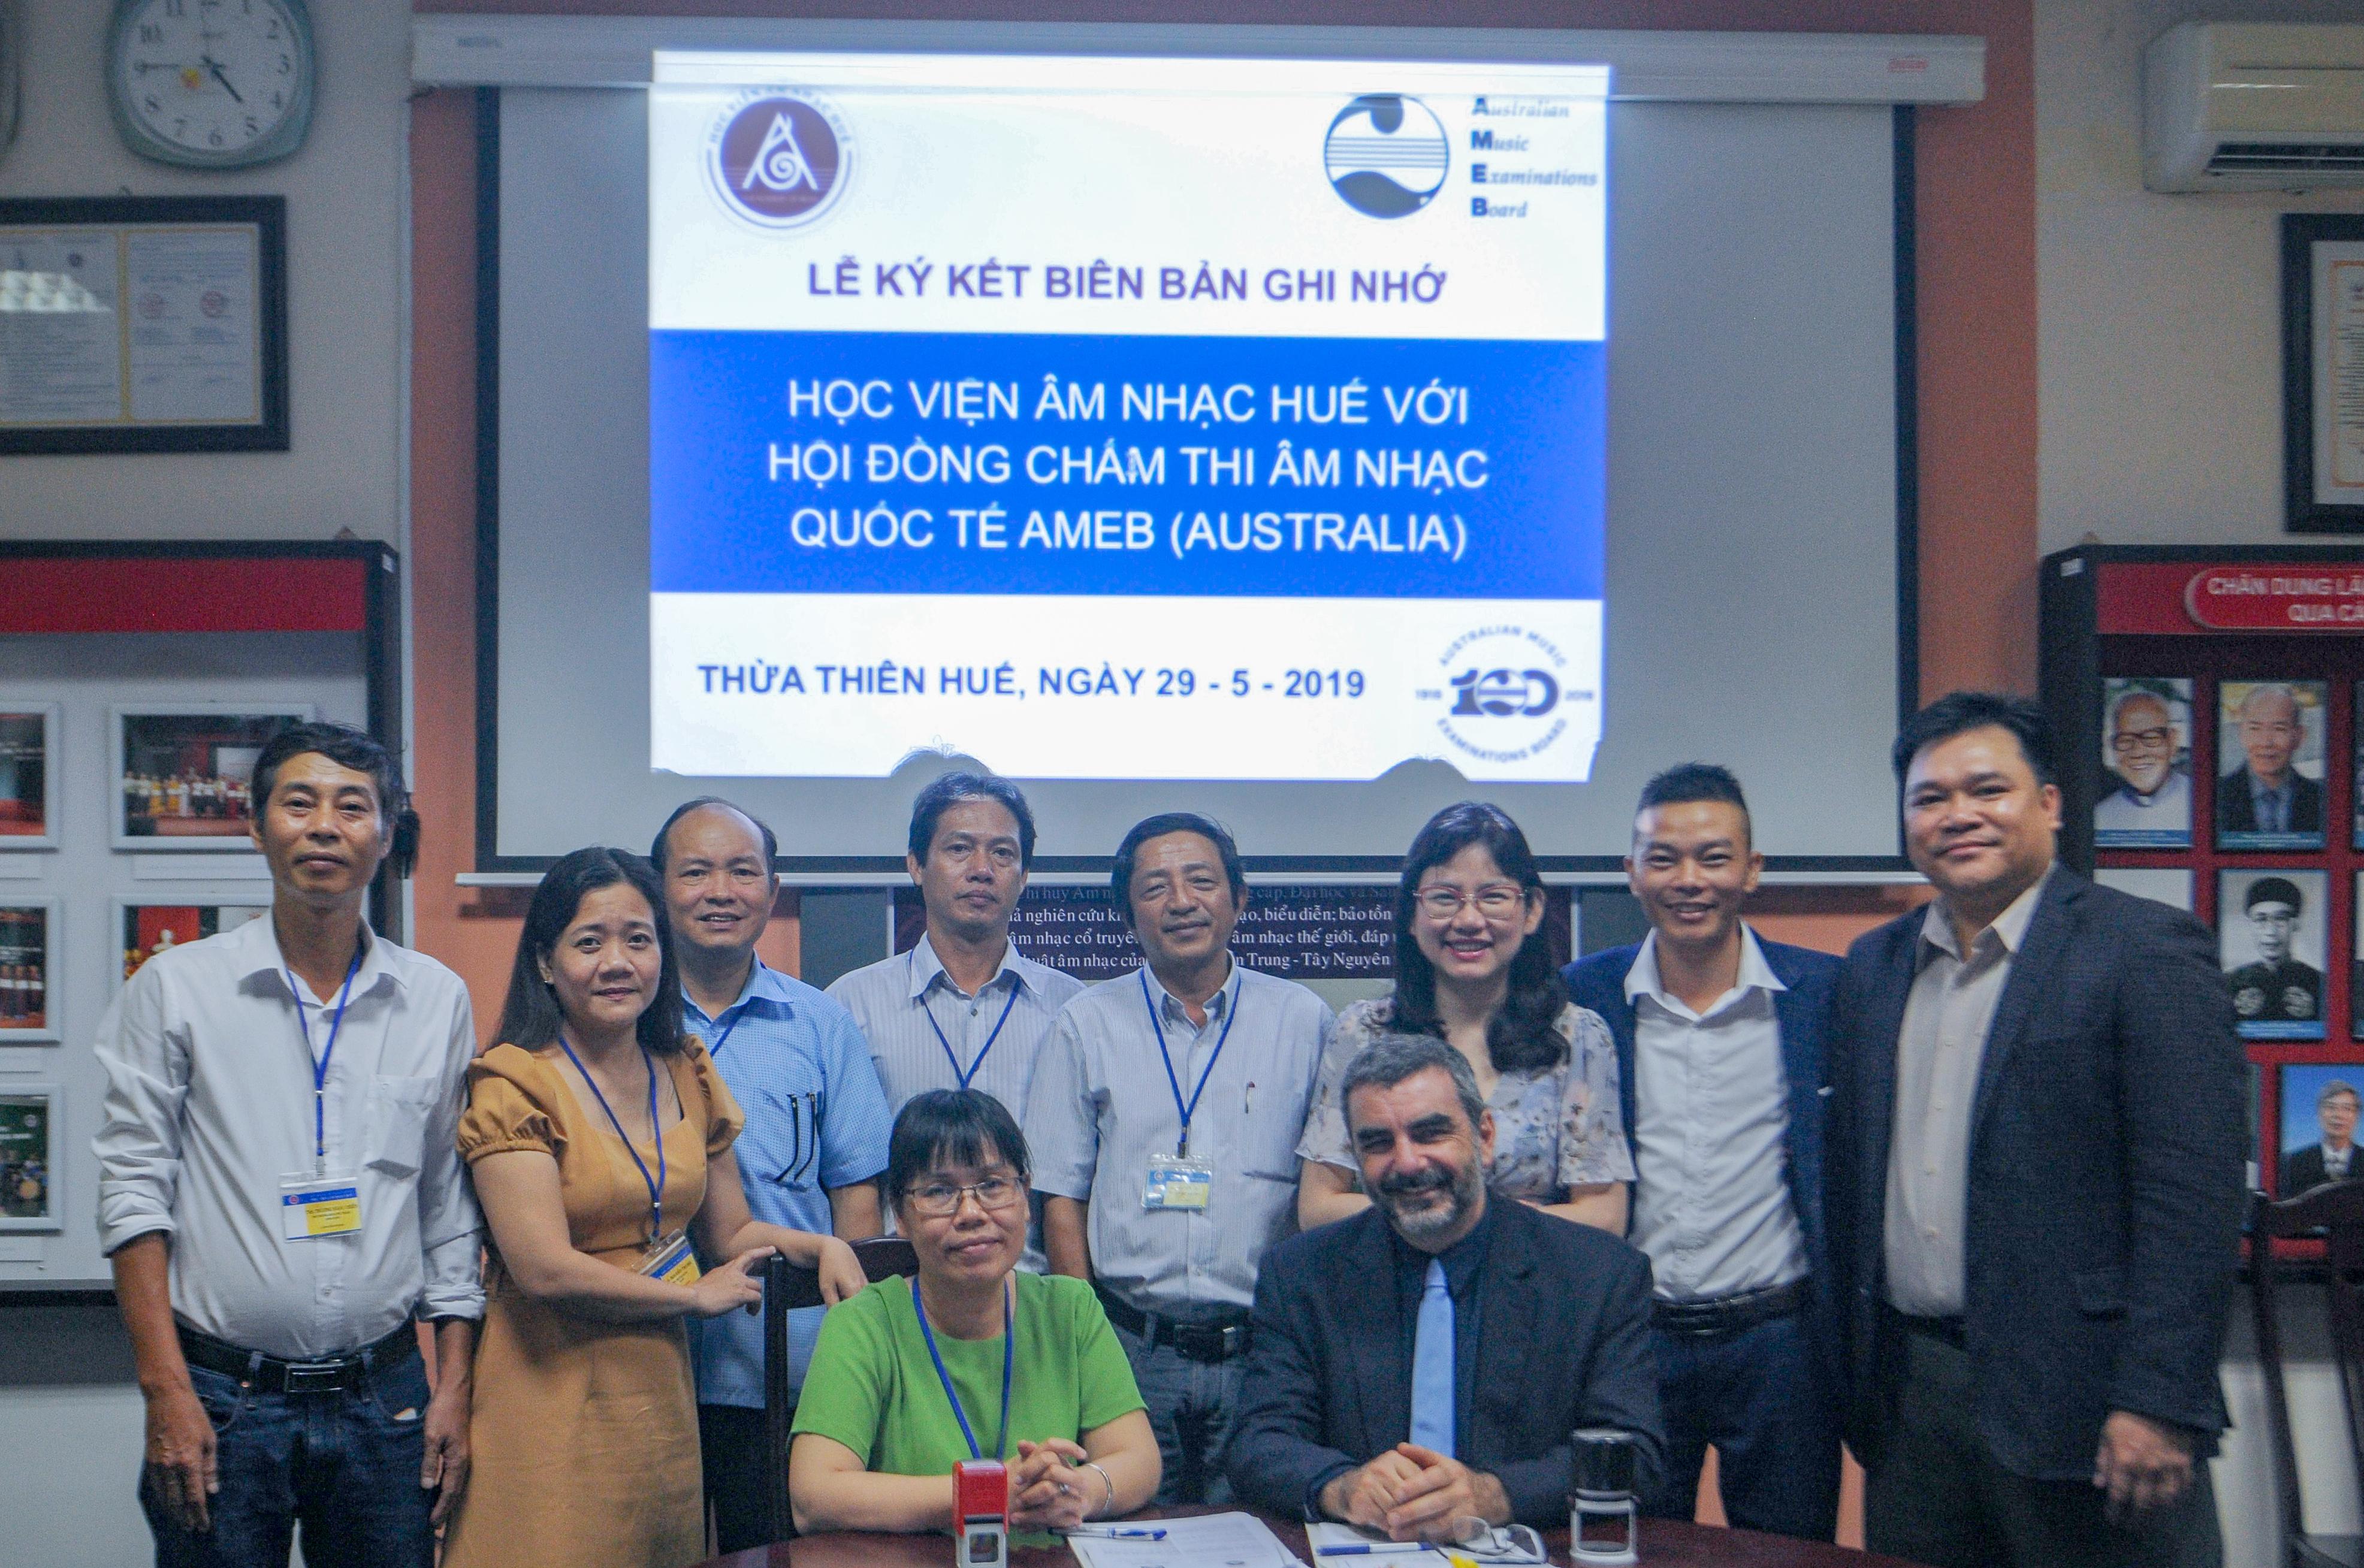 Lễ ký kết biên bản ghi nhớ giữa Học viện Âm nhạc Huế với Hội đồng chấm thi Âm nhạc Quốc tế AMEB( Australia)